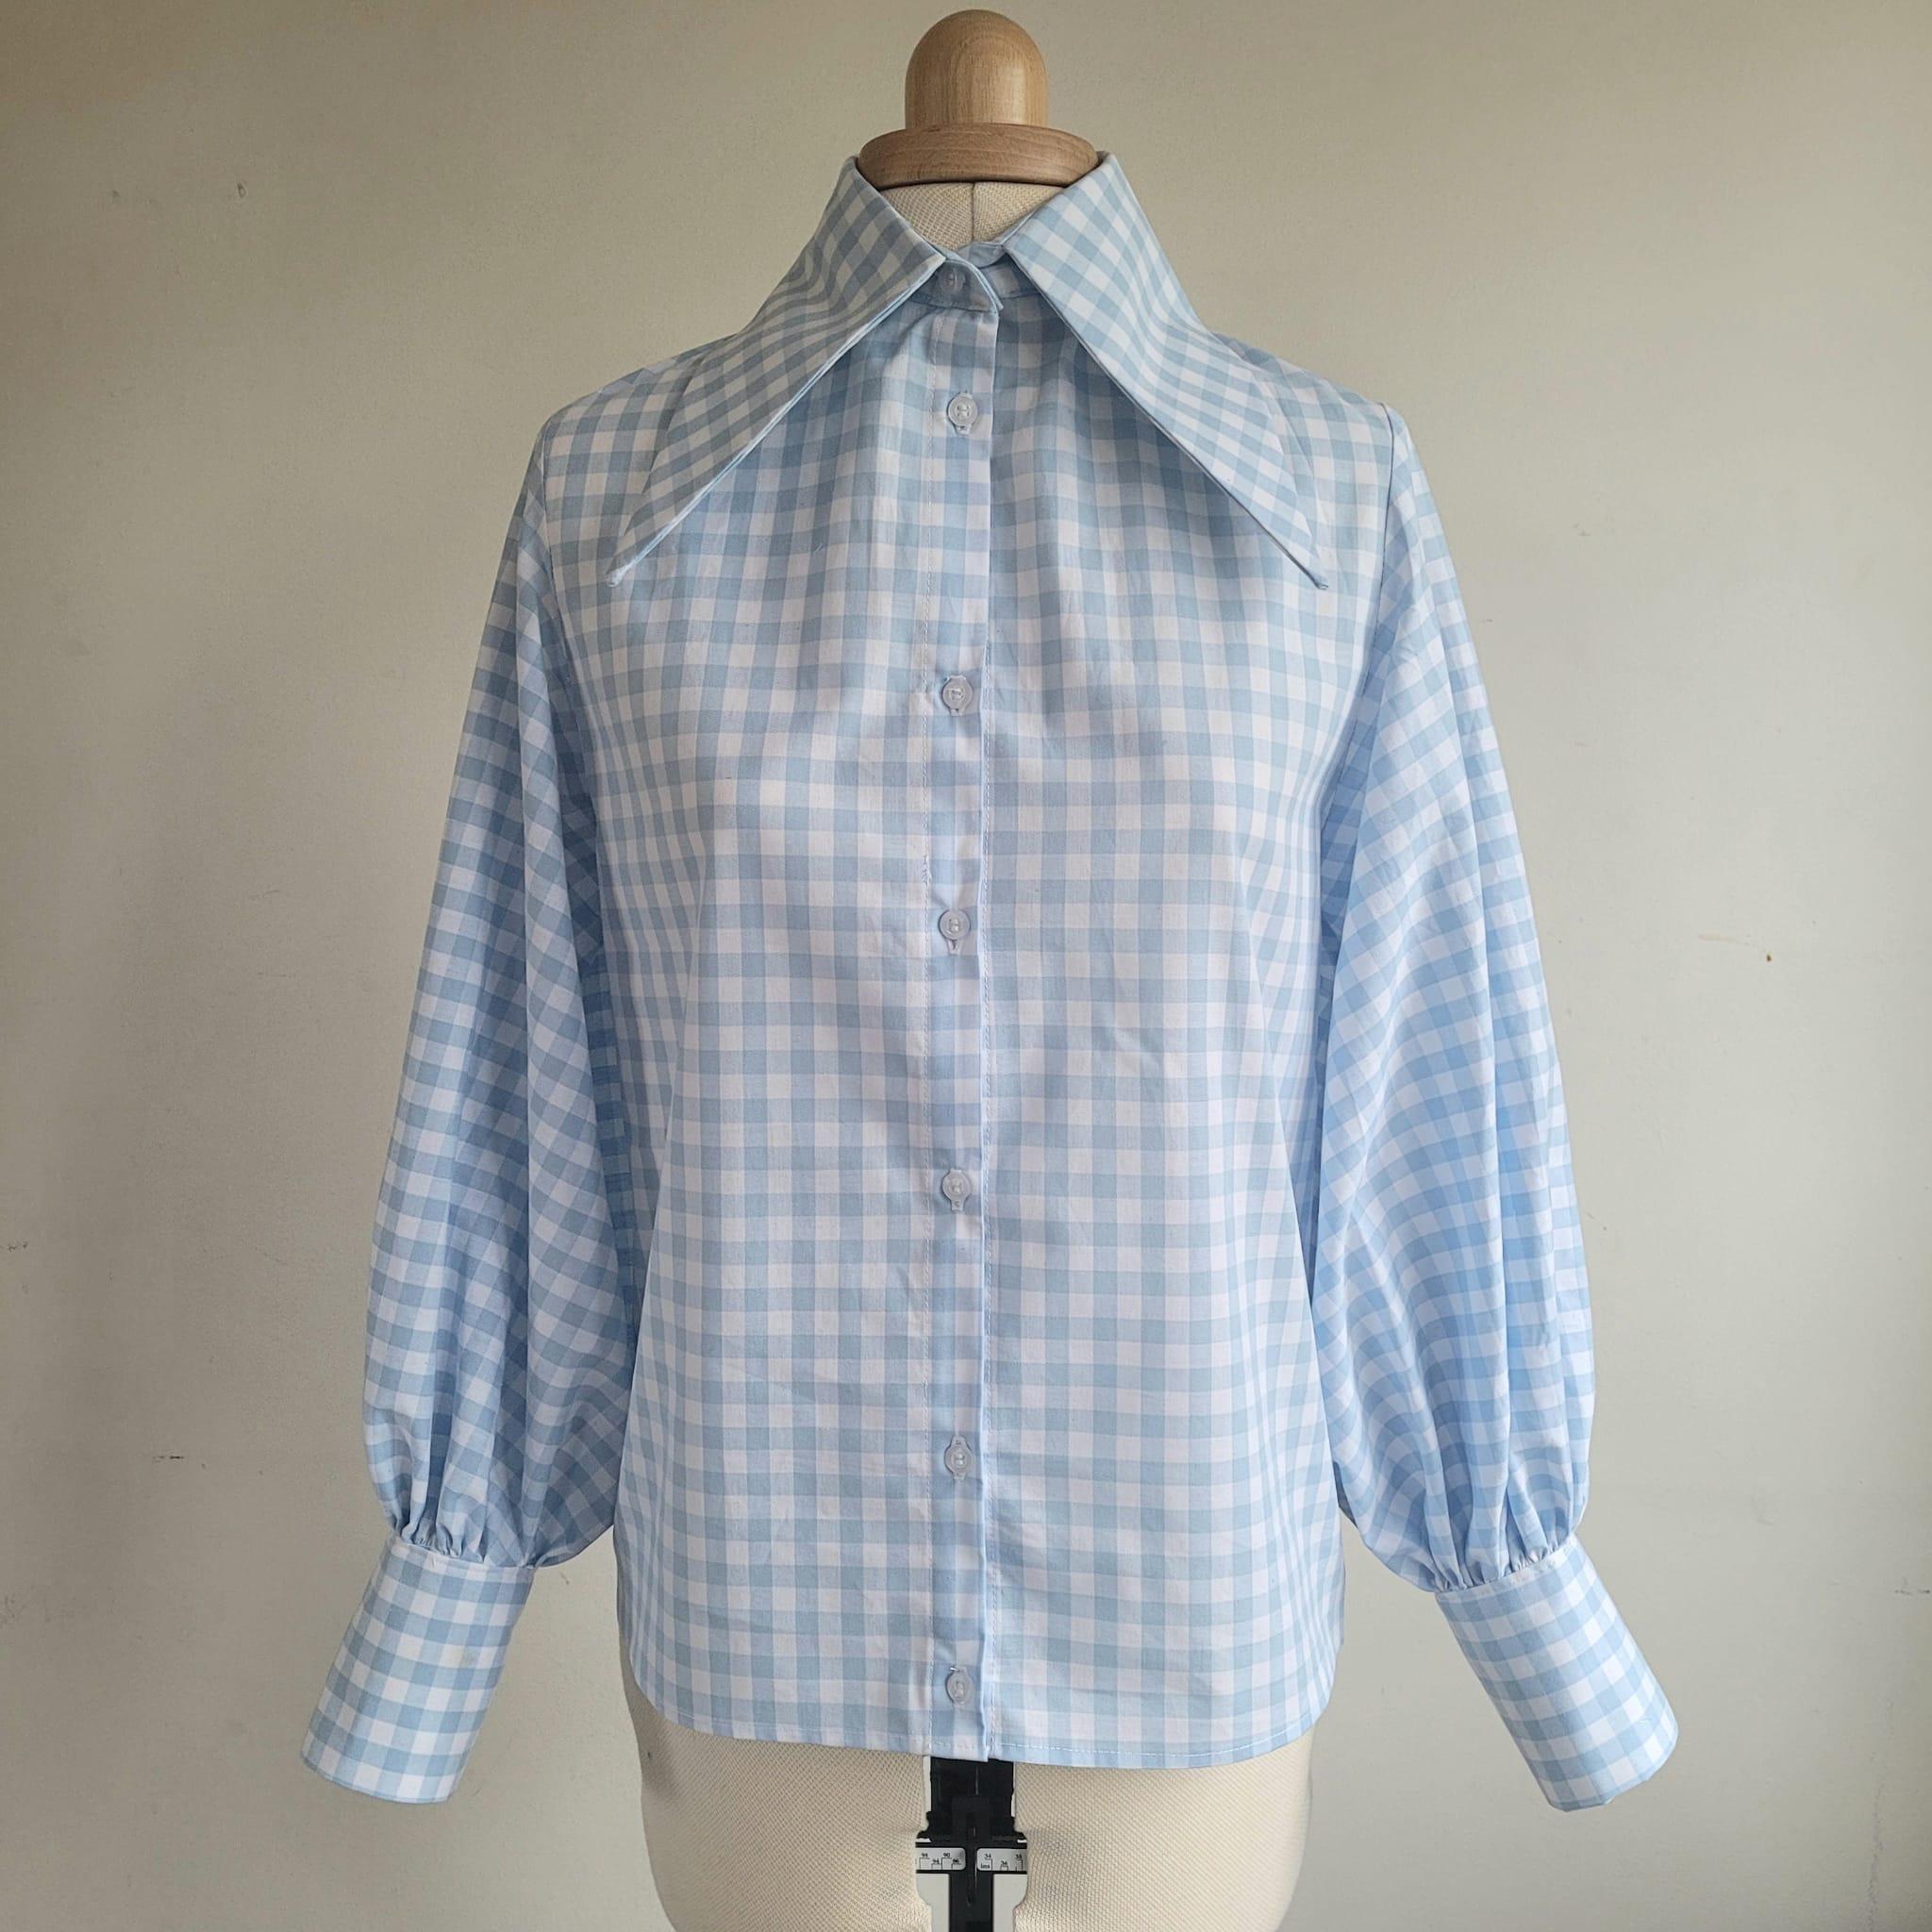 Dagger collar blouse